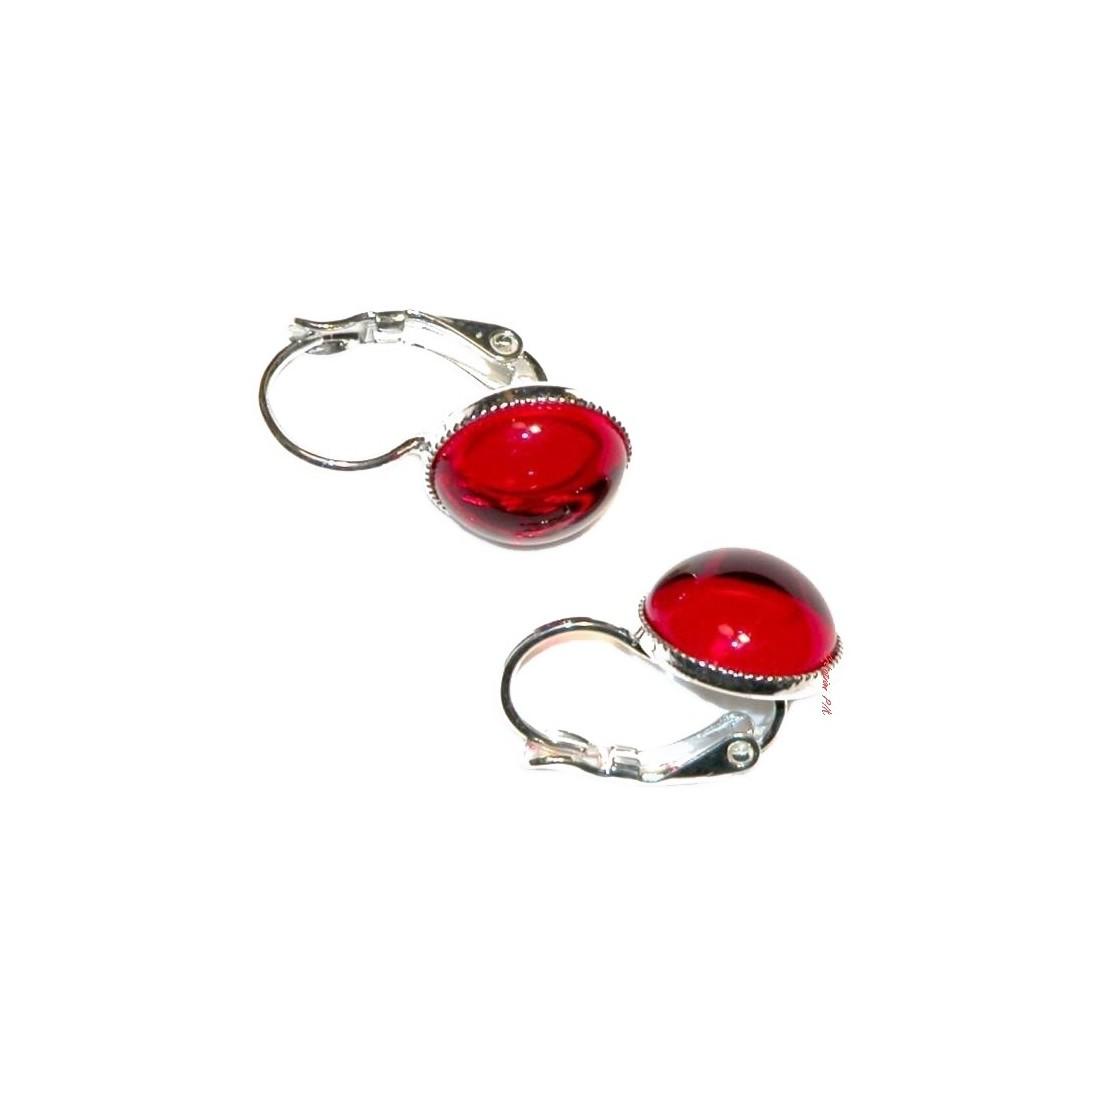 Boucles d'oreilles dormeuses, argent et rouge